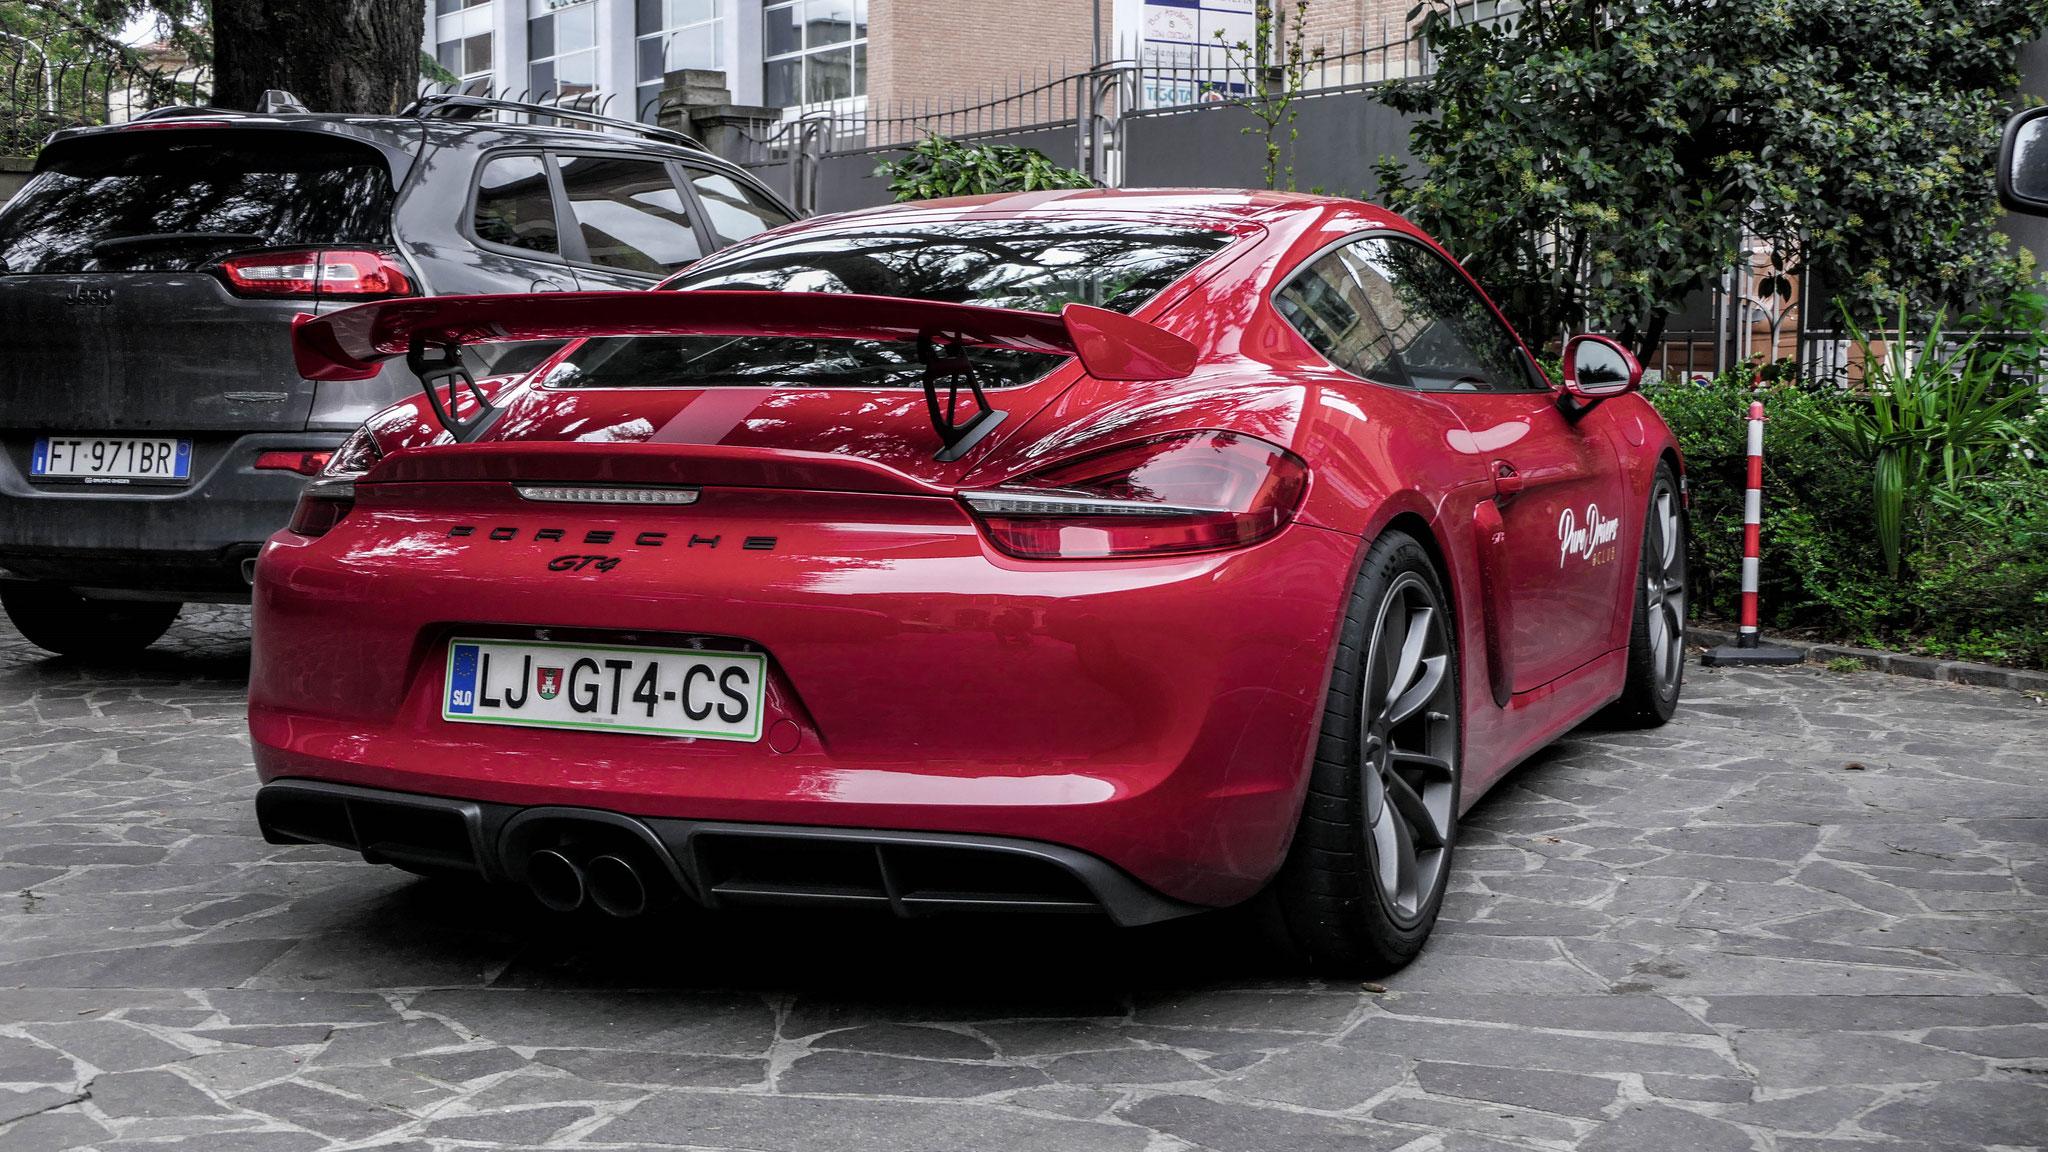 Porsche Cayman GT4 - LJ-GT4-CS (SLO)